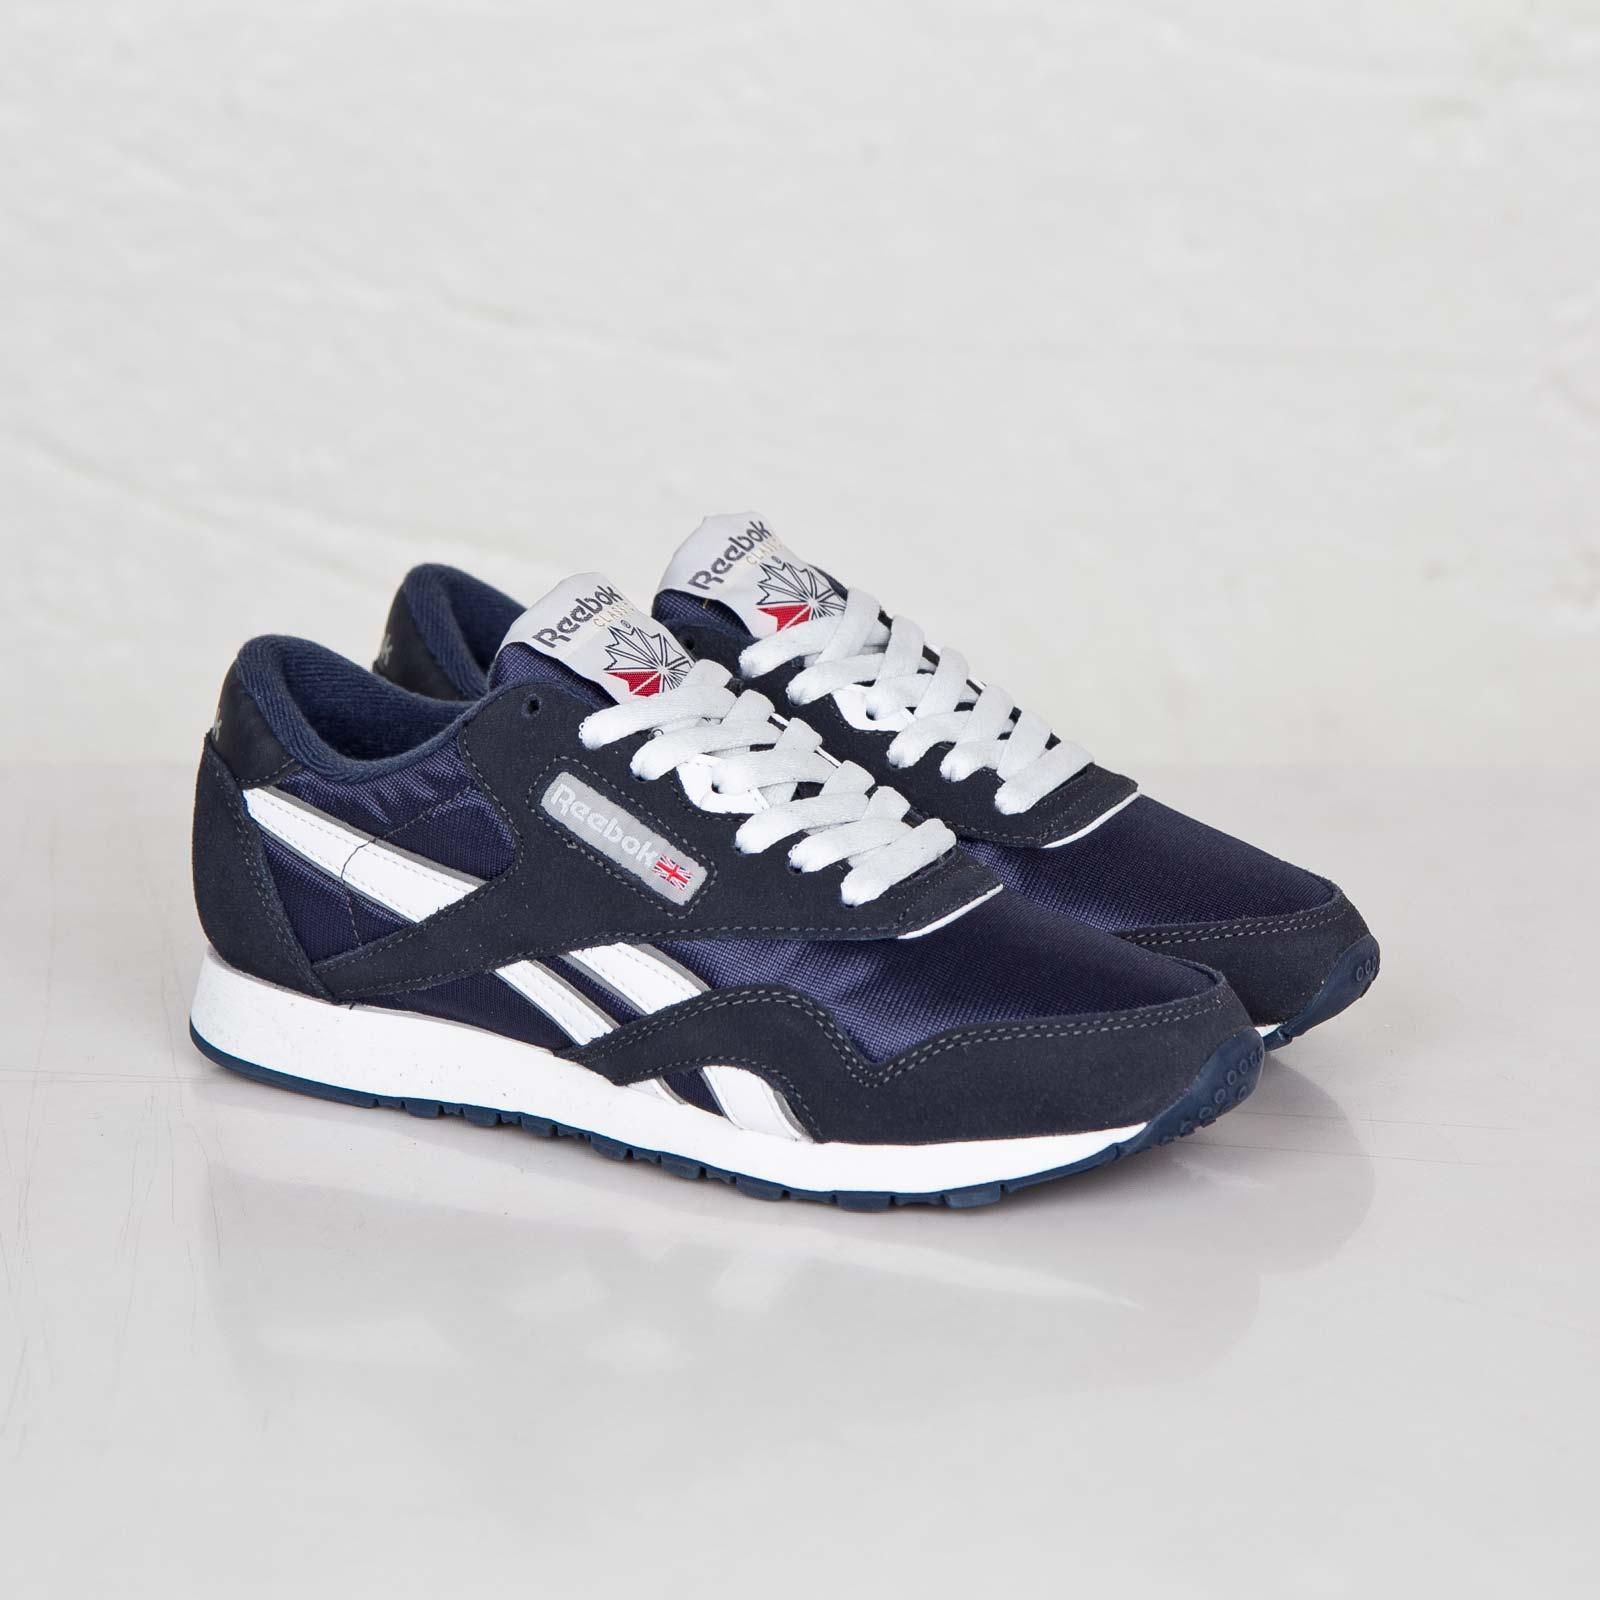 8c040cfef35c5d Reebok Classic Nylon - 39750 - Sneakersnstuff